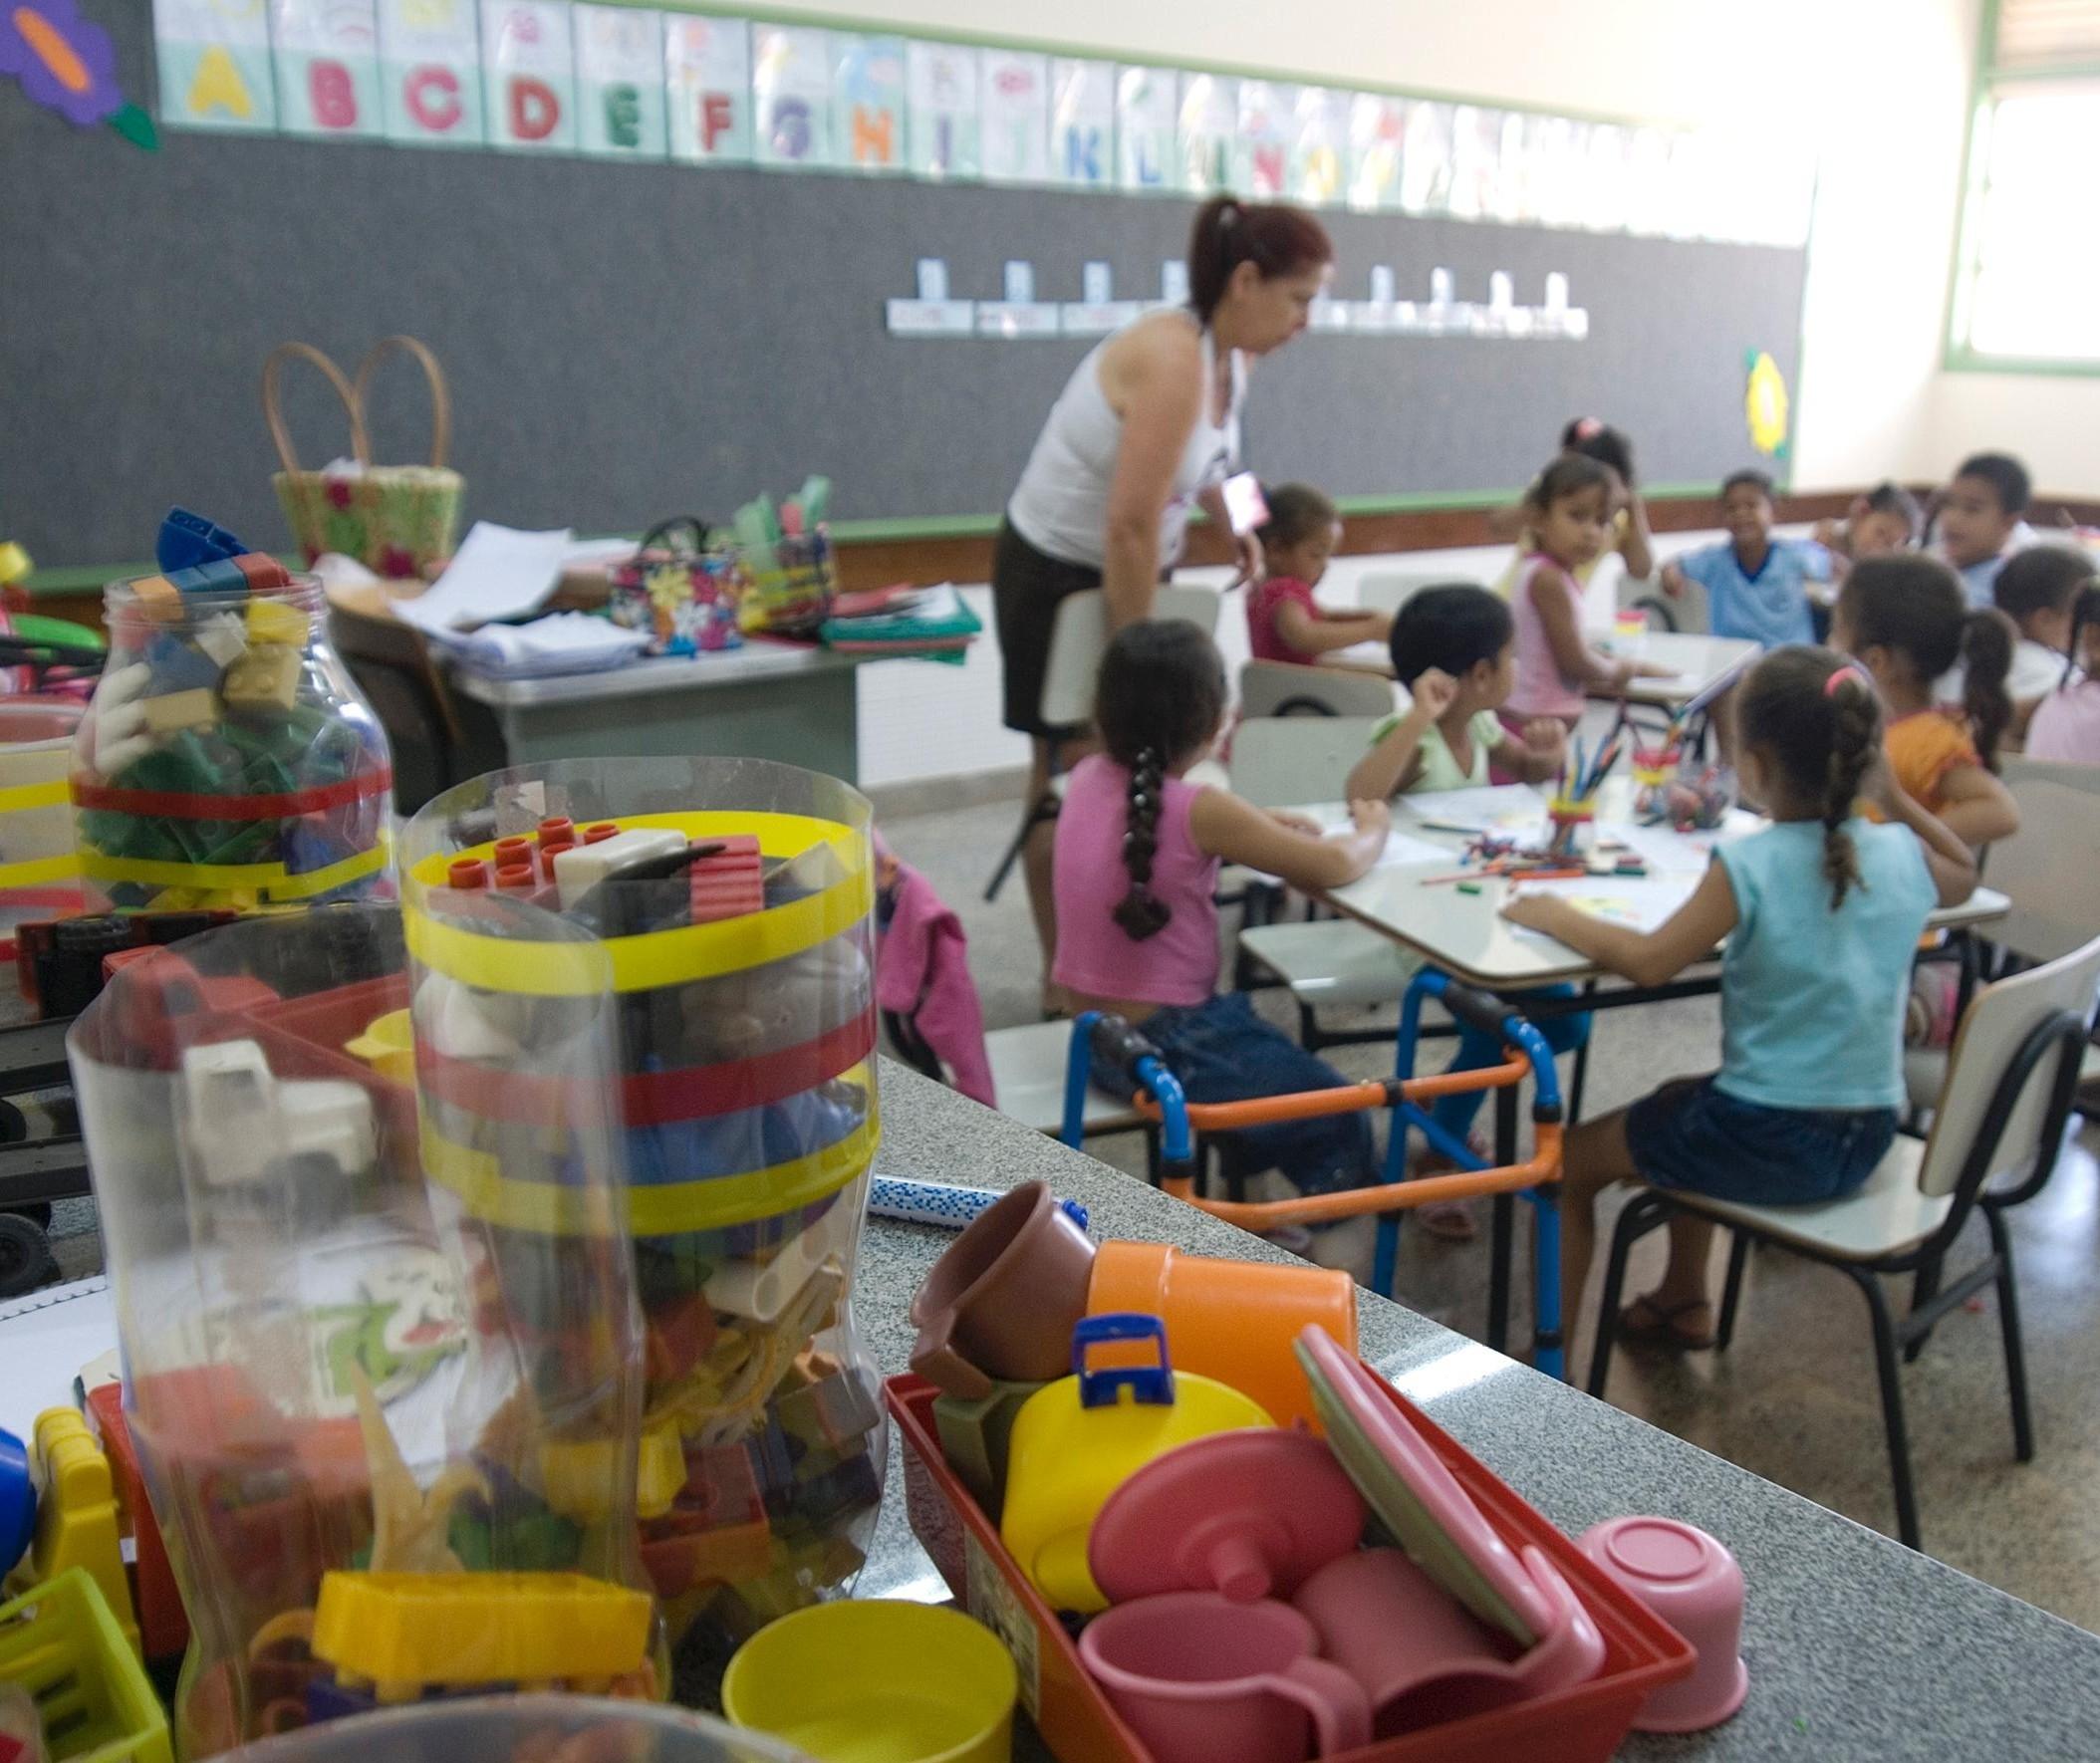 20 escolas são habilitadas para ofertar vagas ao município